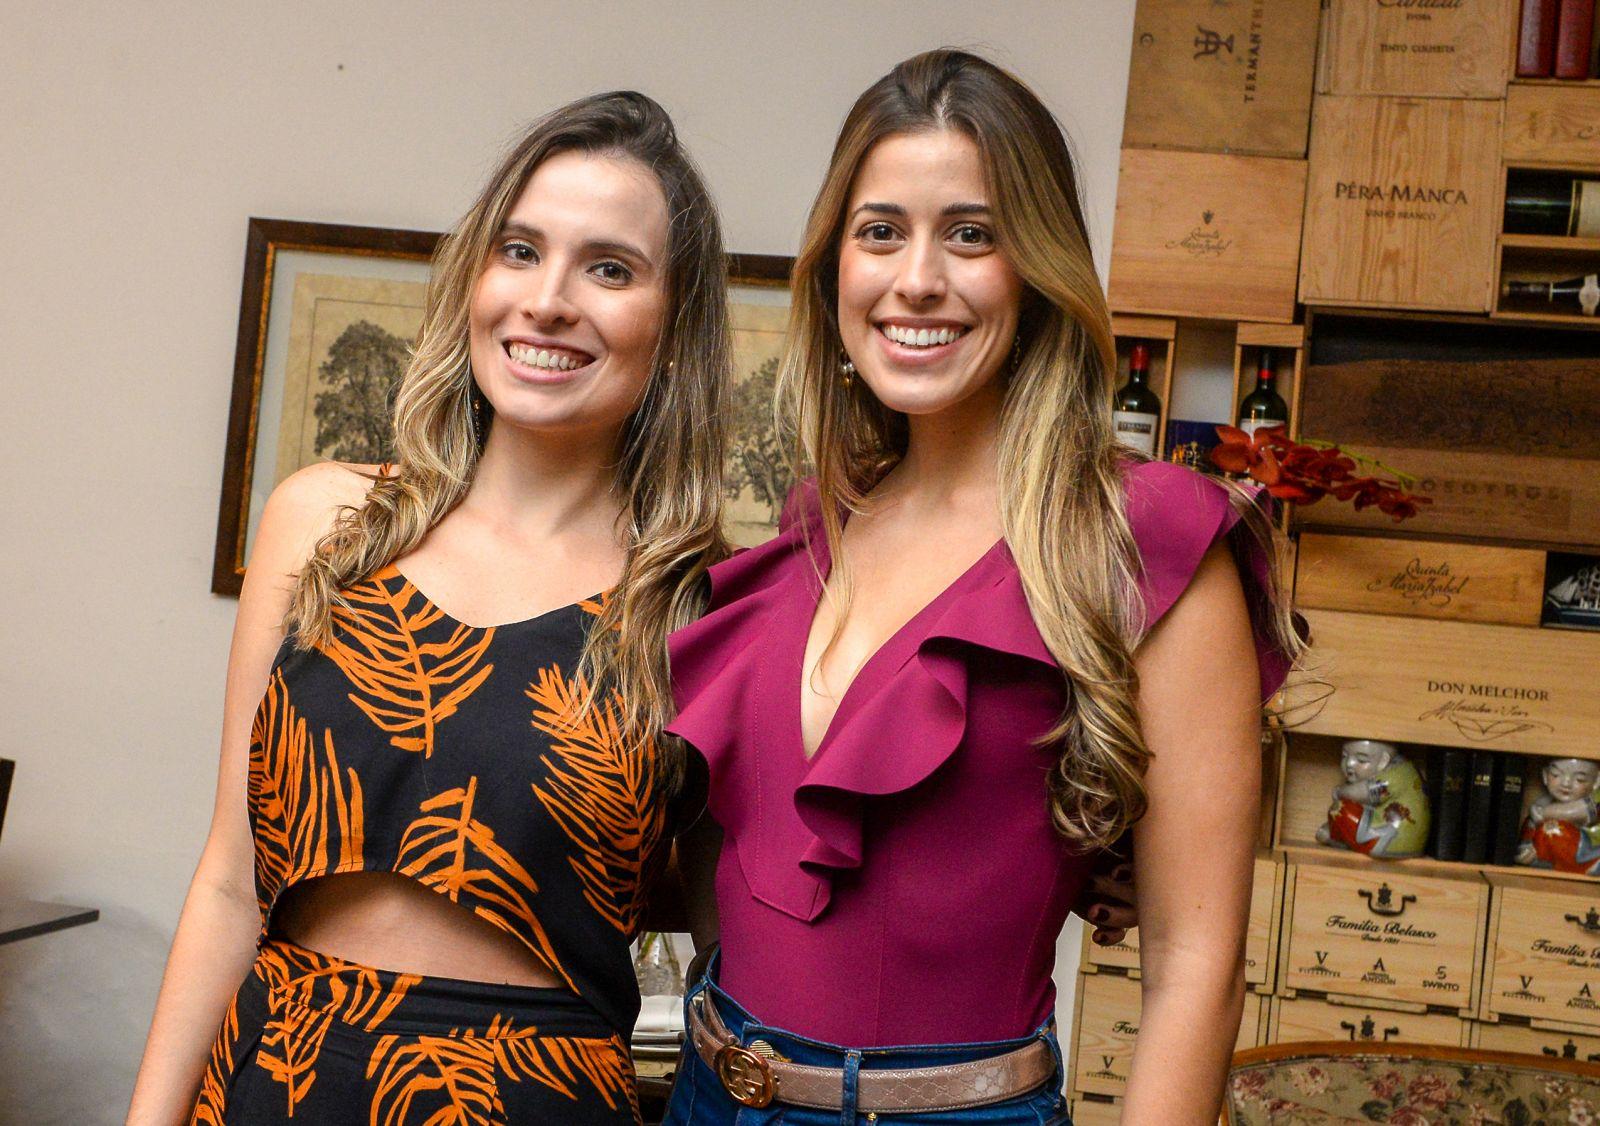 Camilla Stort comemorou seu aniversário jantando com amigas no Bistrê Trapiche Adega fotos de Valterio